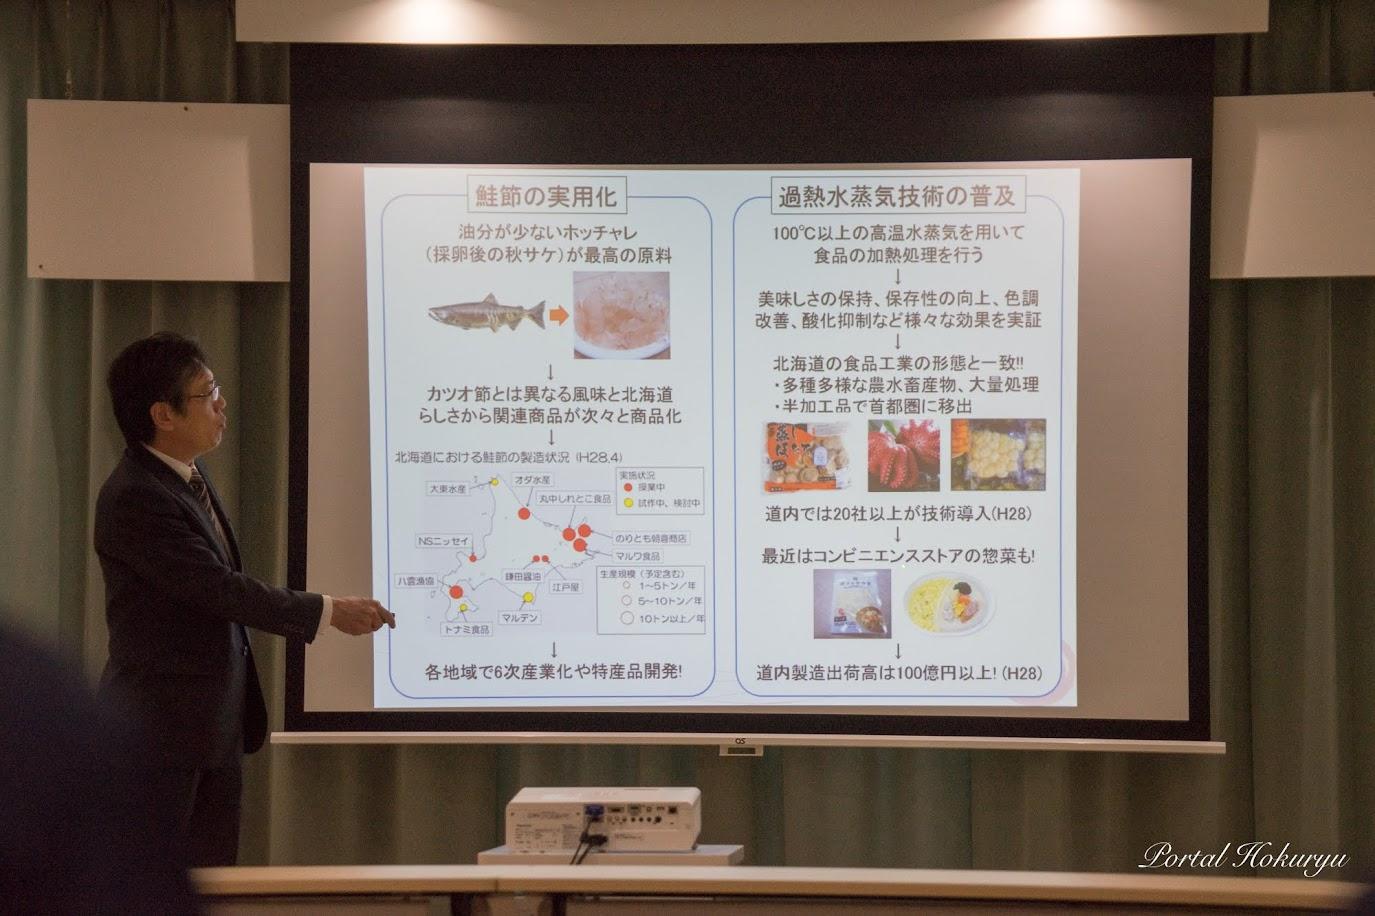 鮭節の実用化・加熱水蒸気技術の実用化